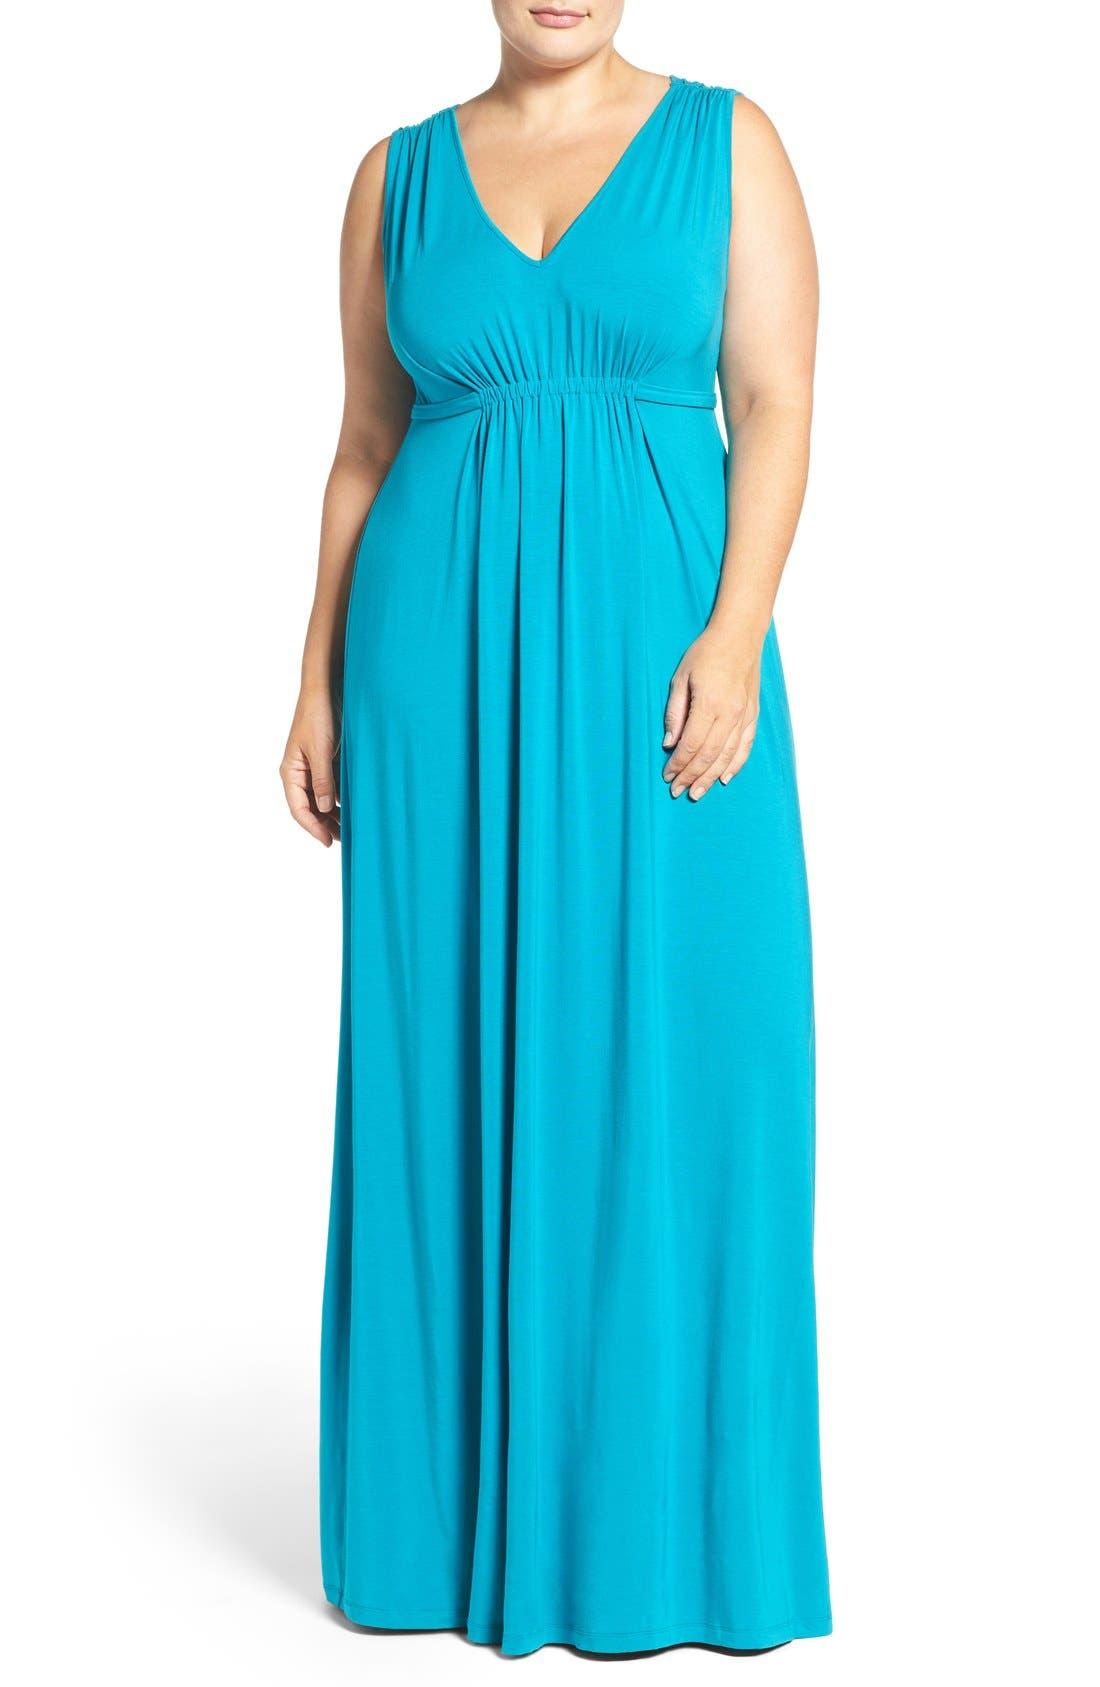 Grecia Sleeveless Jersey Maxi Dress,                             Main thumbnail 7, color,